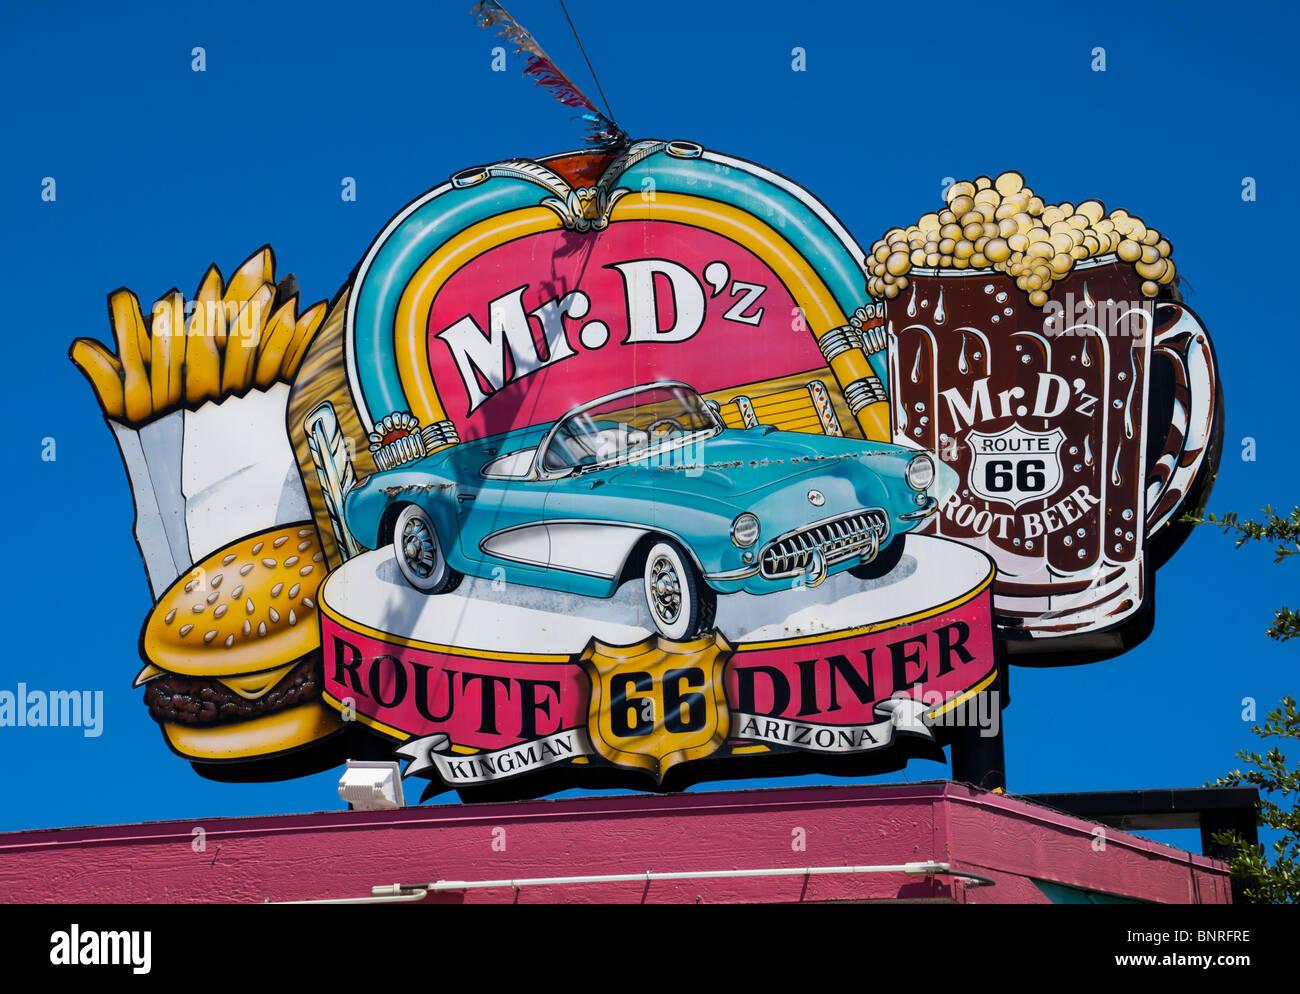 Mr Dz Diner Kingman Arizona USA Stock Photo Royalty Free - Road trip route 66 usa